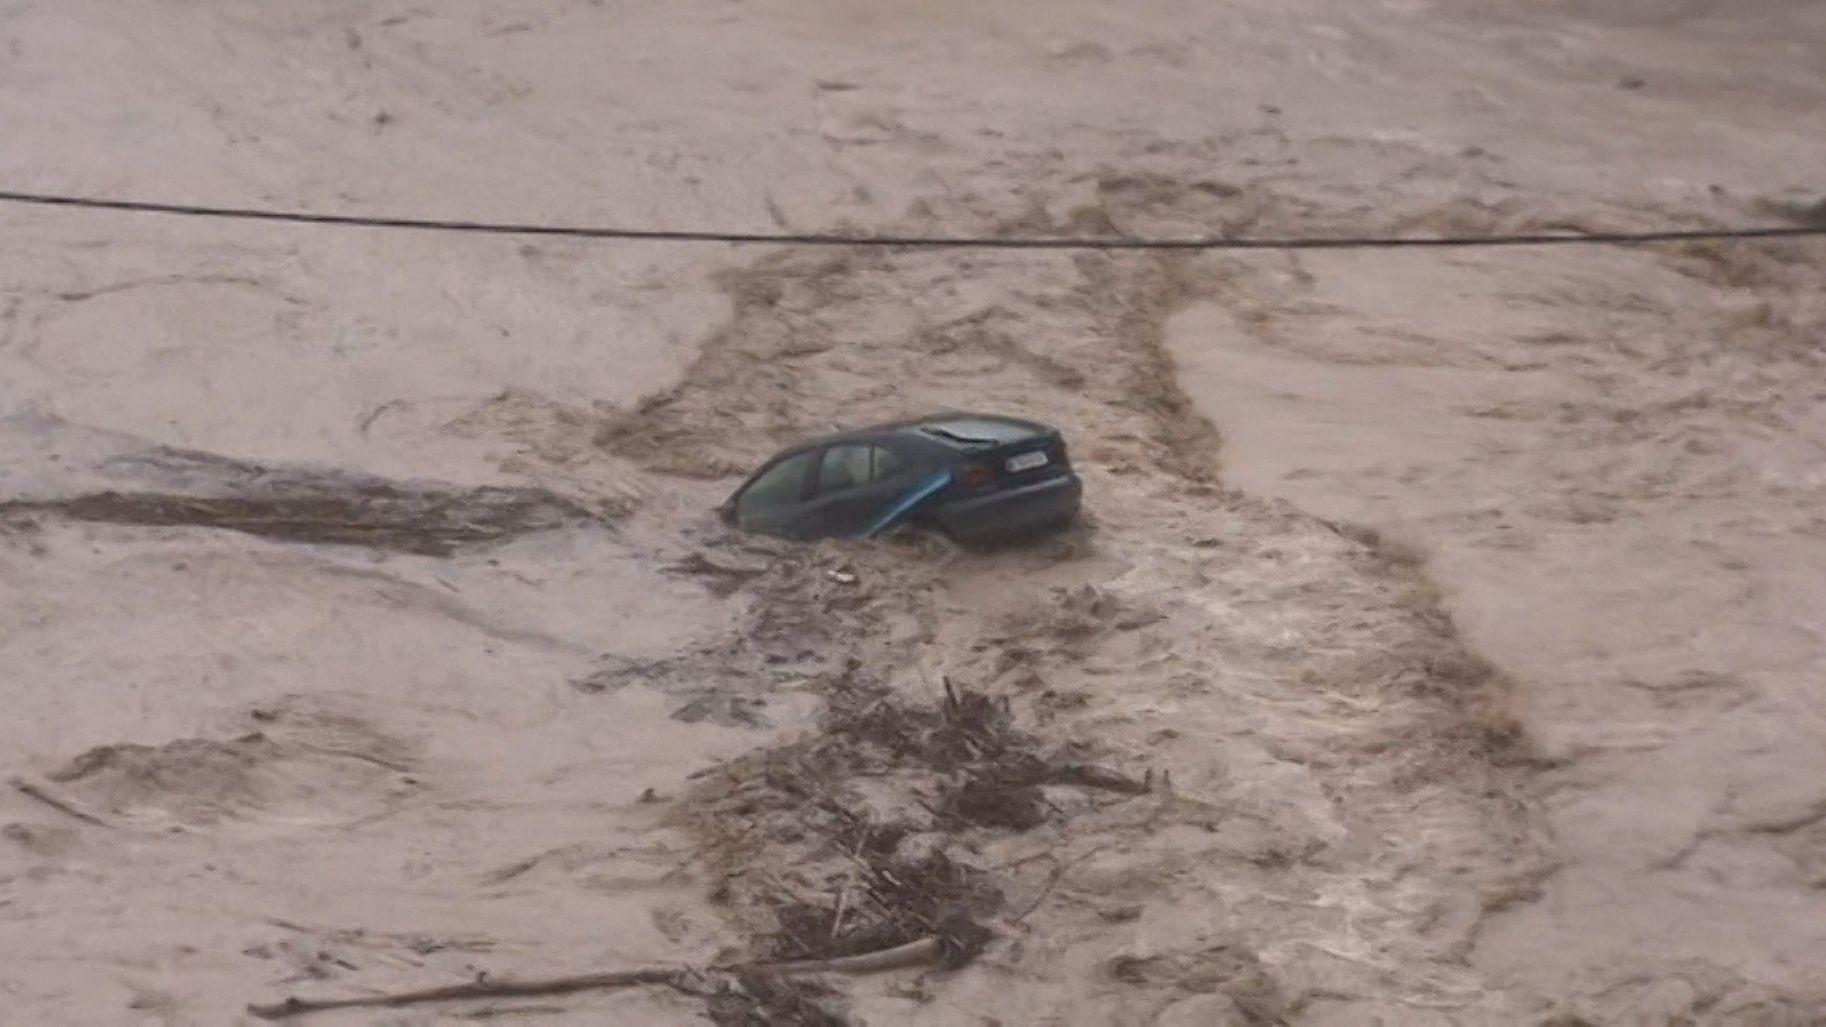 Heftige Regenfälle haben im Südosten Spaniens zu Überschwemmungen geführt